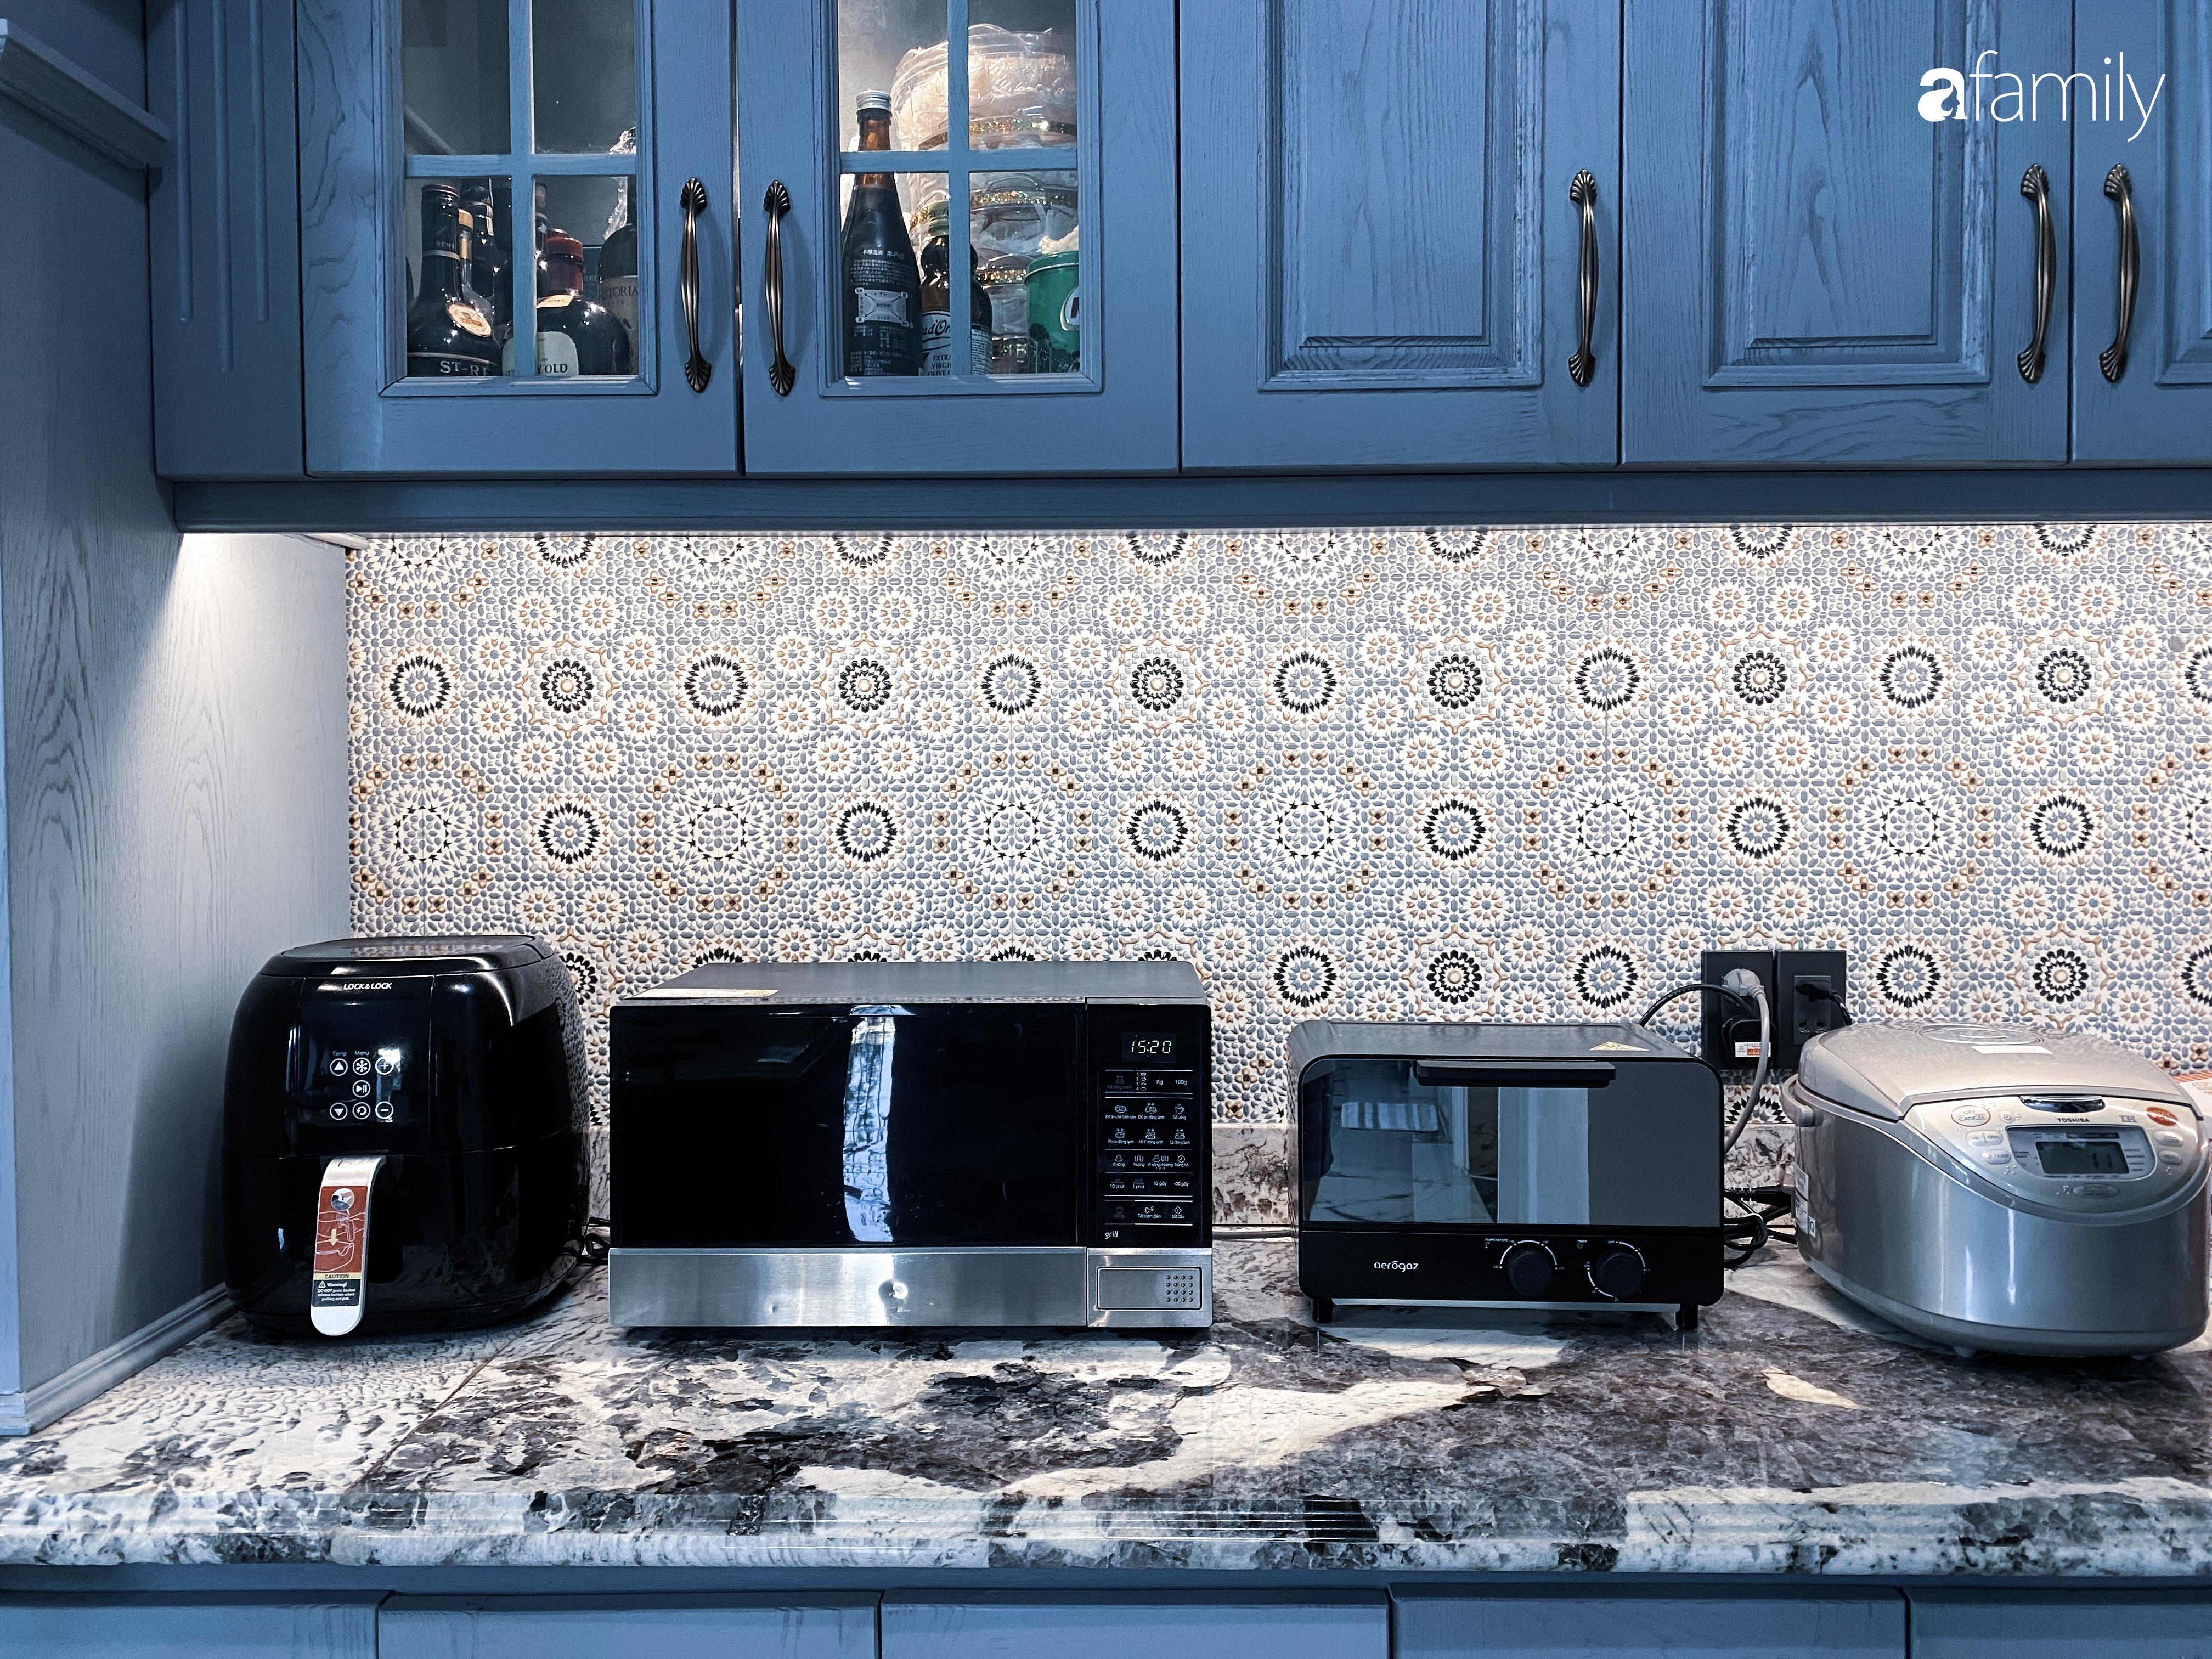 """""""Nghiện"""" sắm đồ bếp, hot mom Thủy Anh vợ Đăng Khôi tự decor không gian nấu nướng đẹp sang chảnh ngút ngàn - Ảnh 9."""